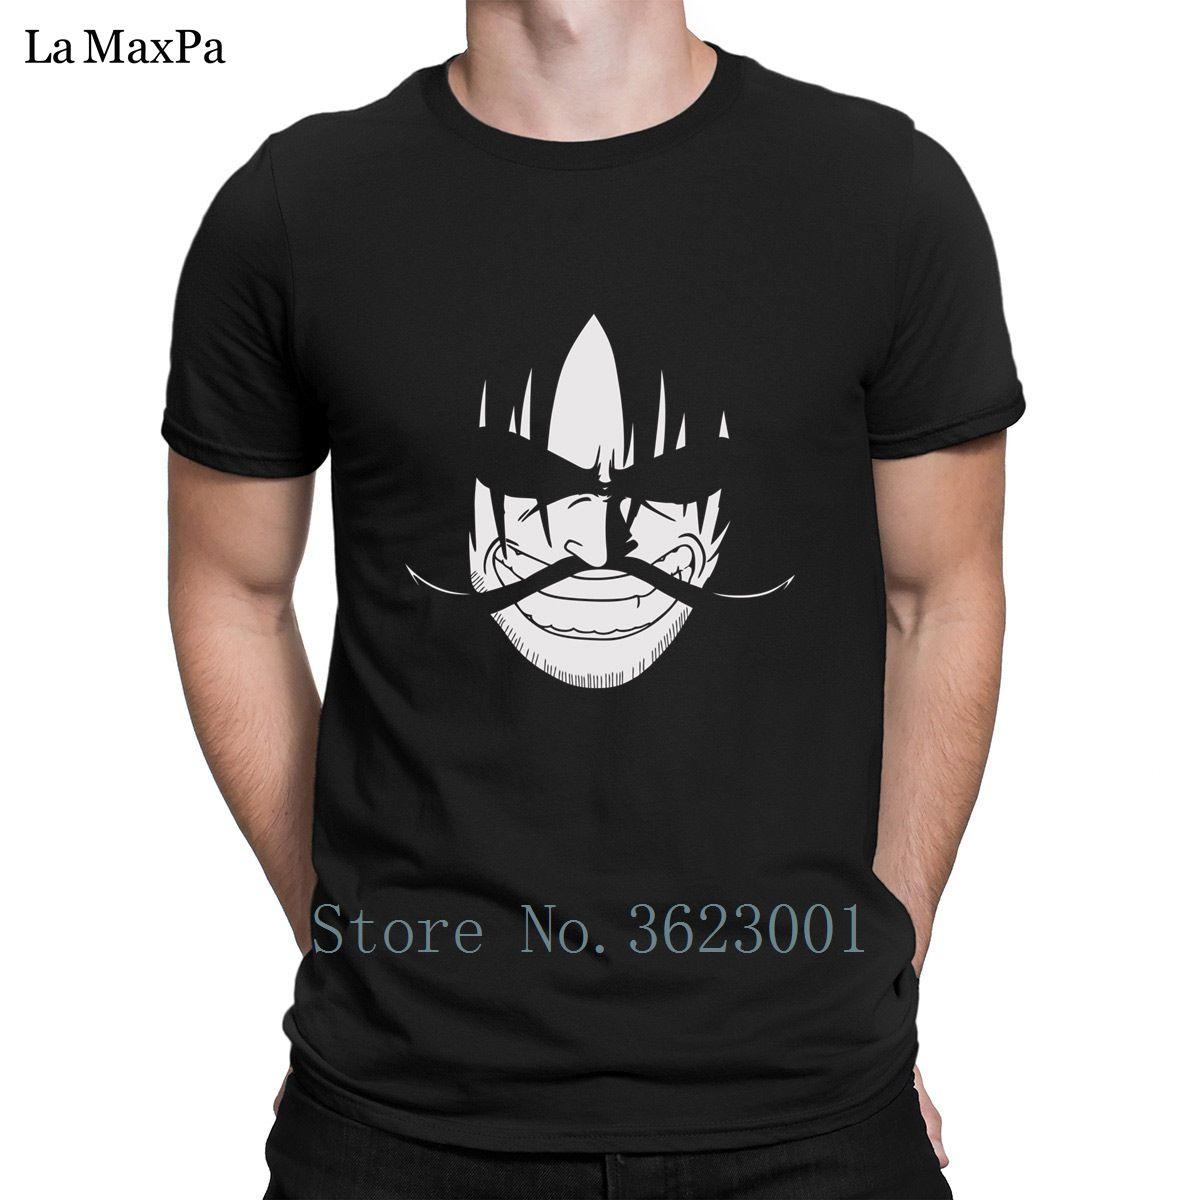 Tee Shirt T Shirt La luce del sole divertente creativo Tshirt The Pirate Uomo Firts per gli uomini Trendy T-shirt Uomo Euro Dimensione Top Quality